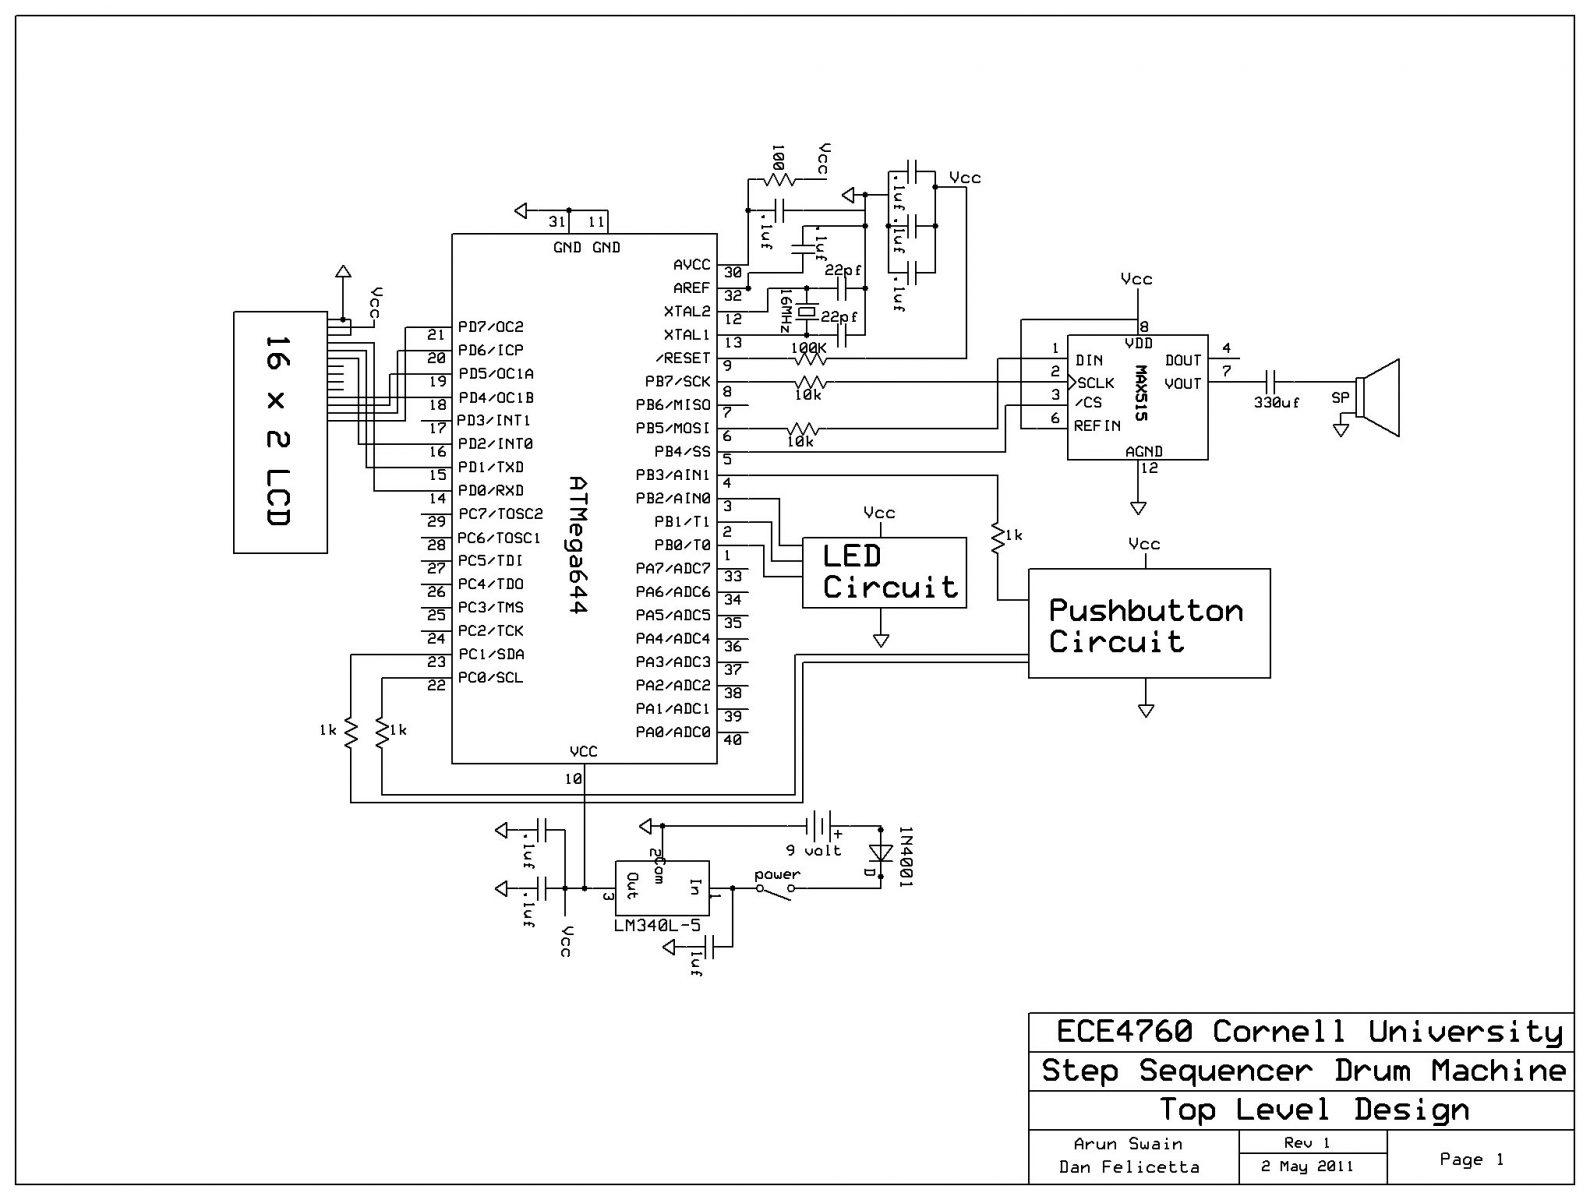 Step Sequencer Drum Machine schematic - Use Arduino for